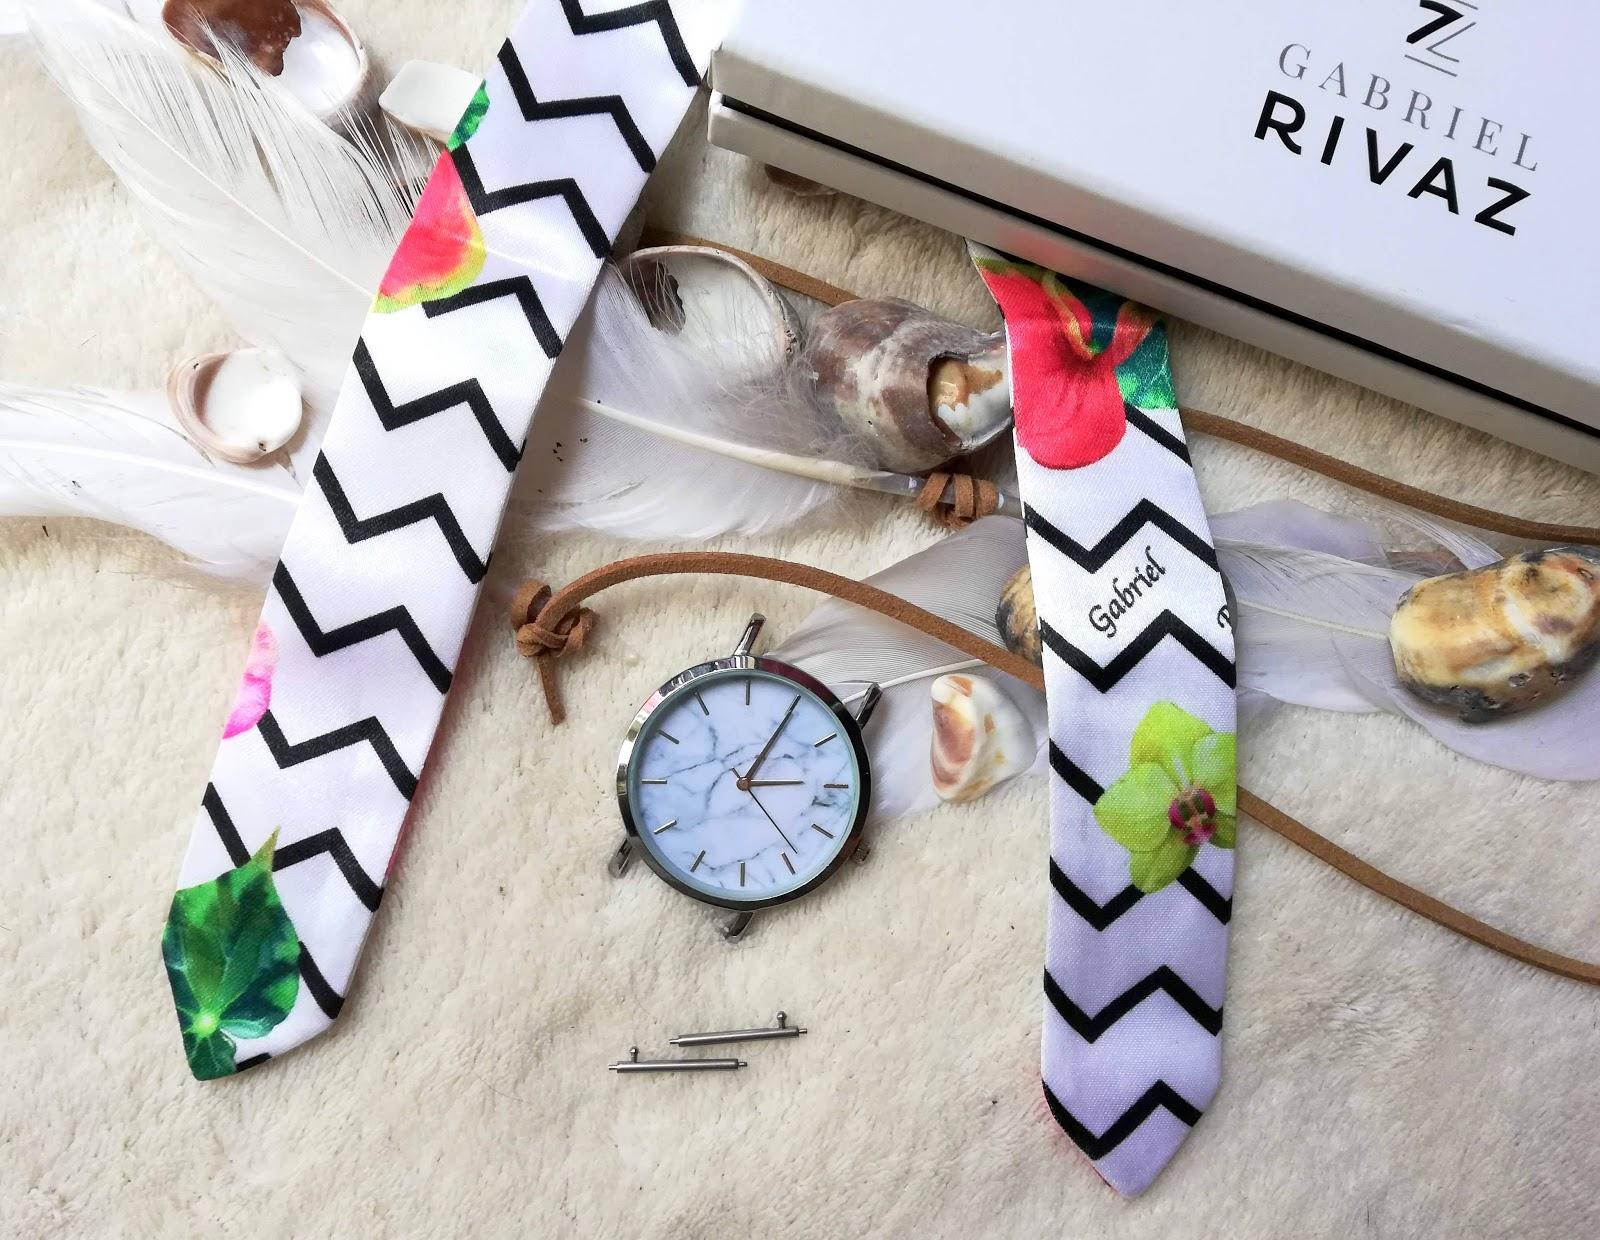 ⌚ Des montres fun aux bracelets en soie interchangeables avec GABRIEL RIVAZ